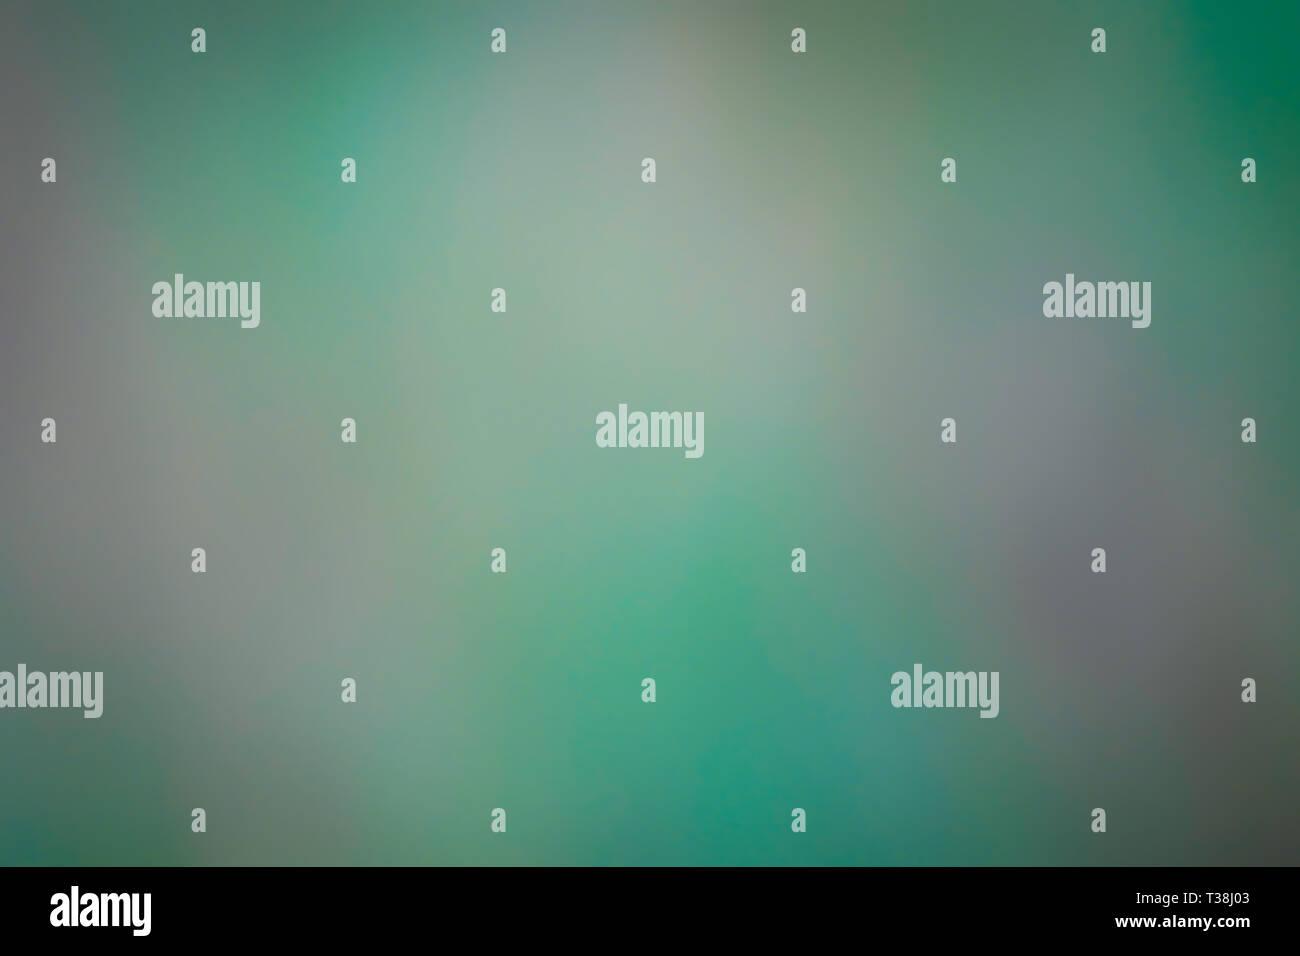 Super illustratives vert floue fond gris et violet pour n'importe quel texte dans la présentation que vous voulez hilight. Photo Stock